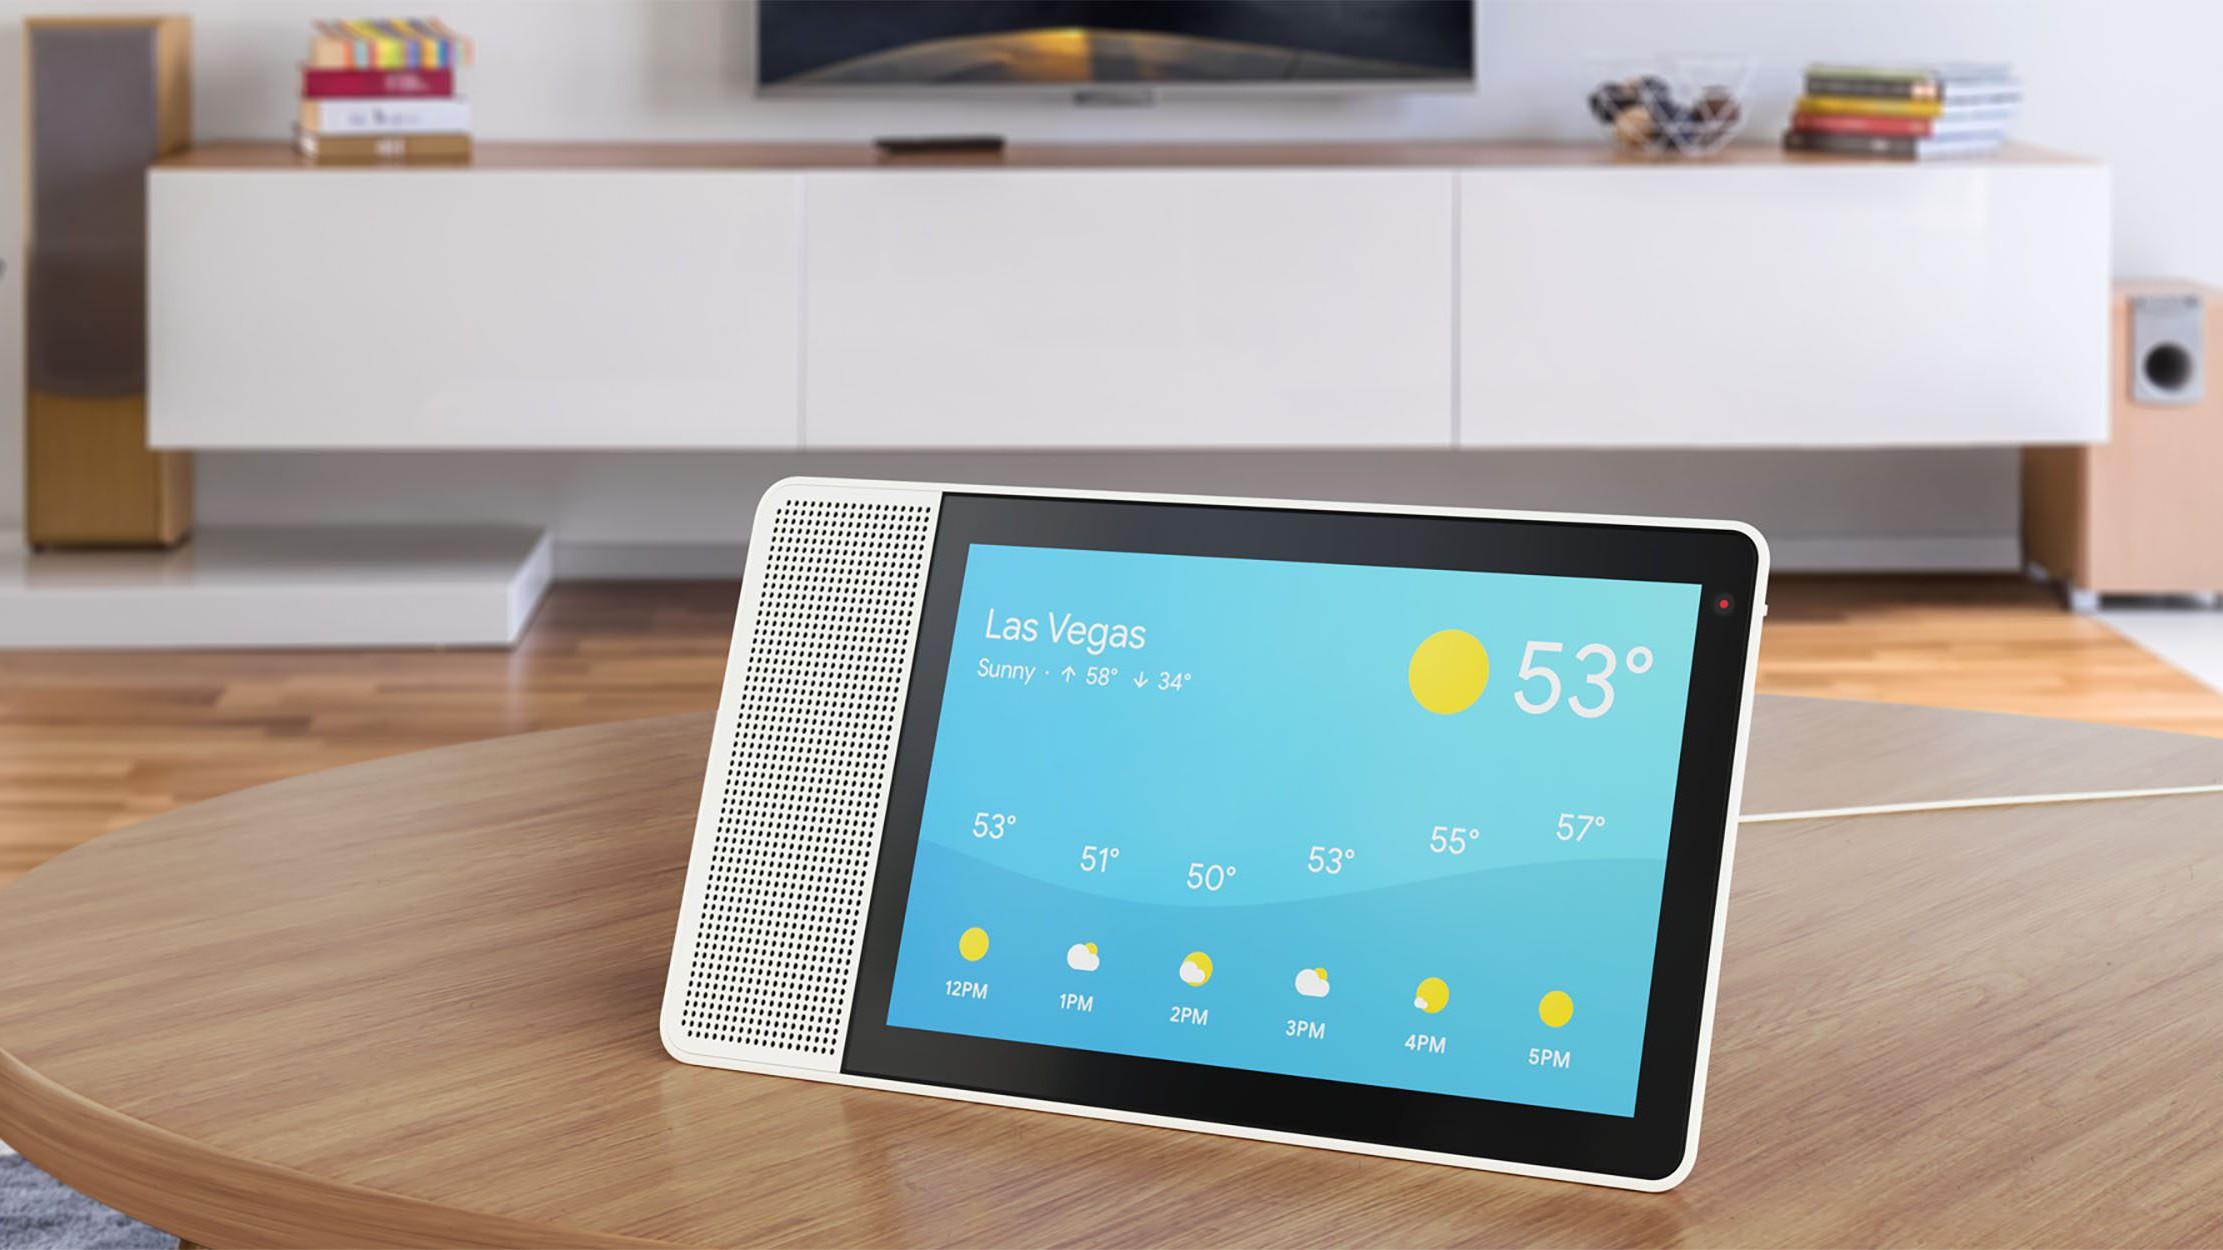 Lenovo представила умную колонку с дисплеем и Ассистентом Google